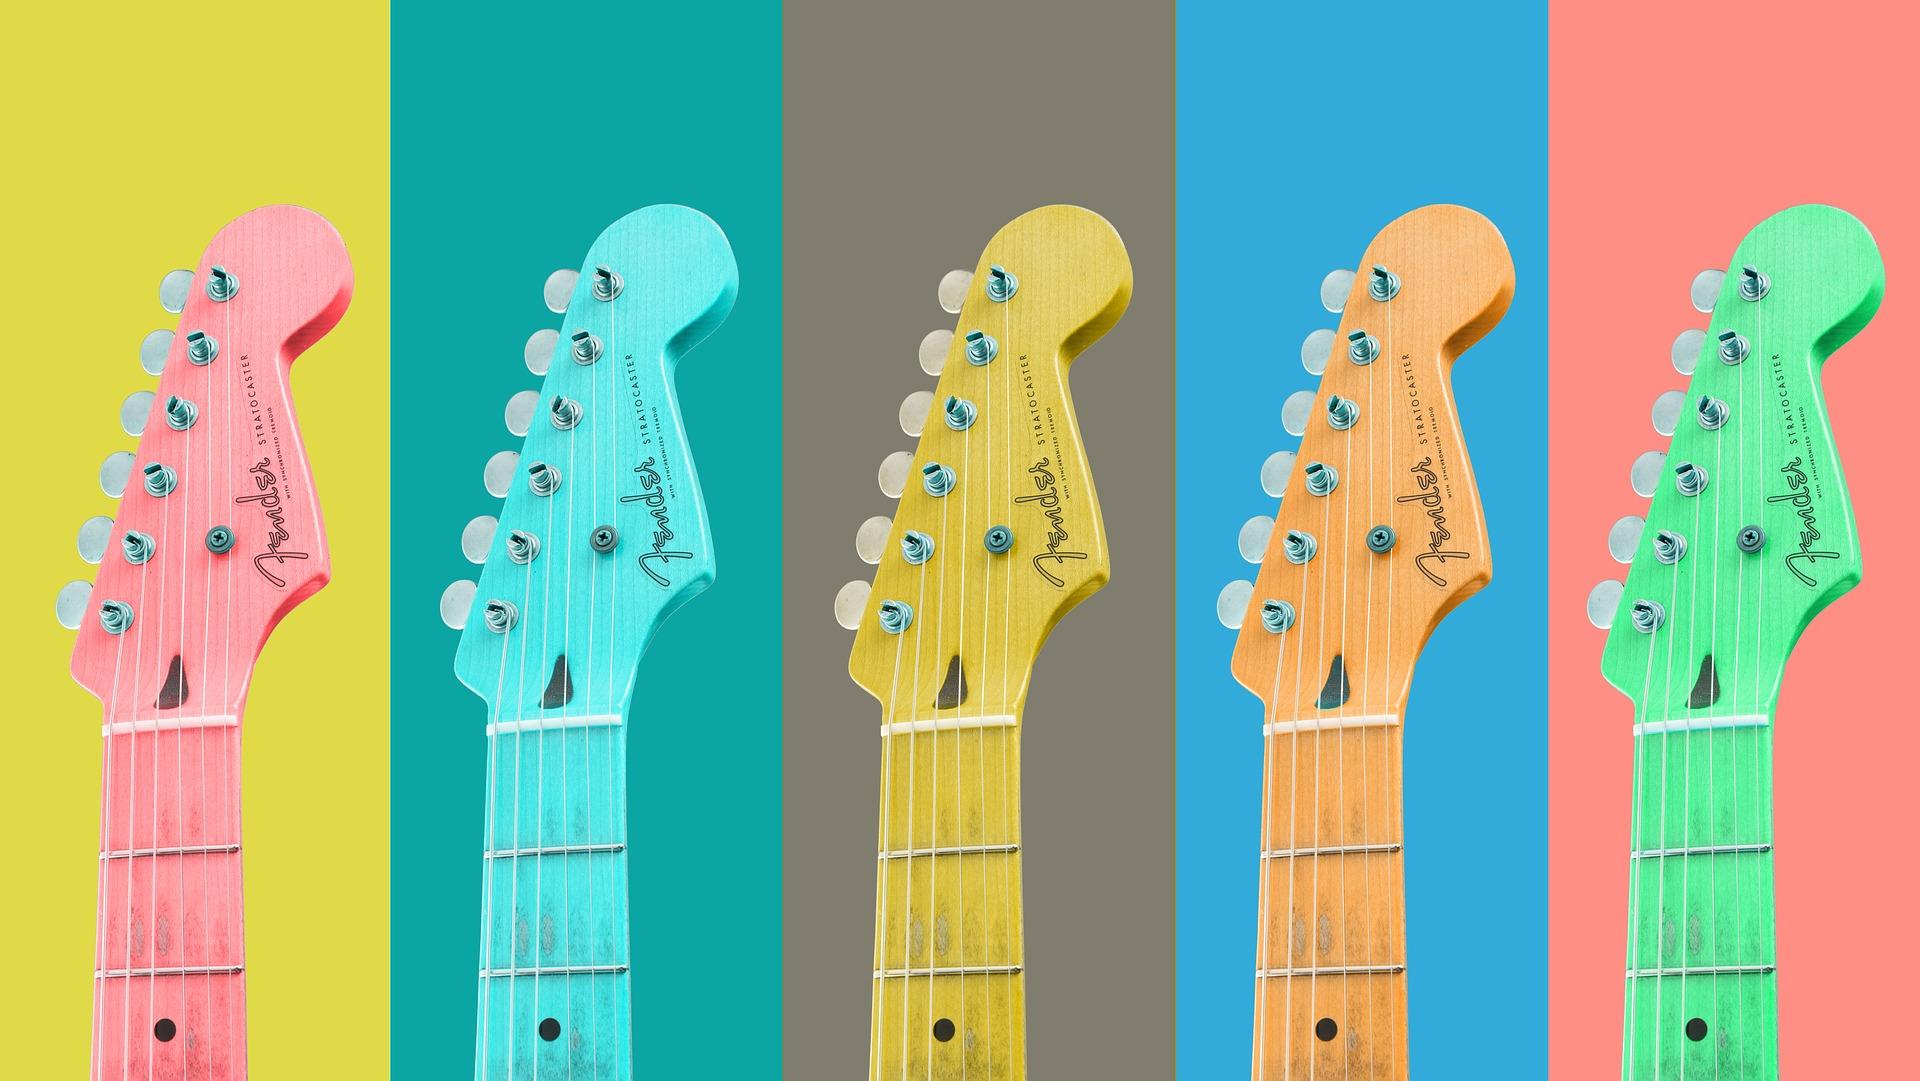 חמש גיטרות צבעוניות